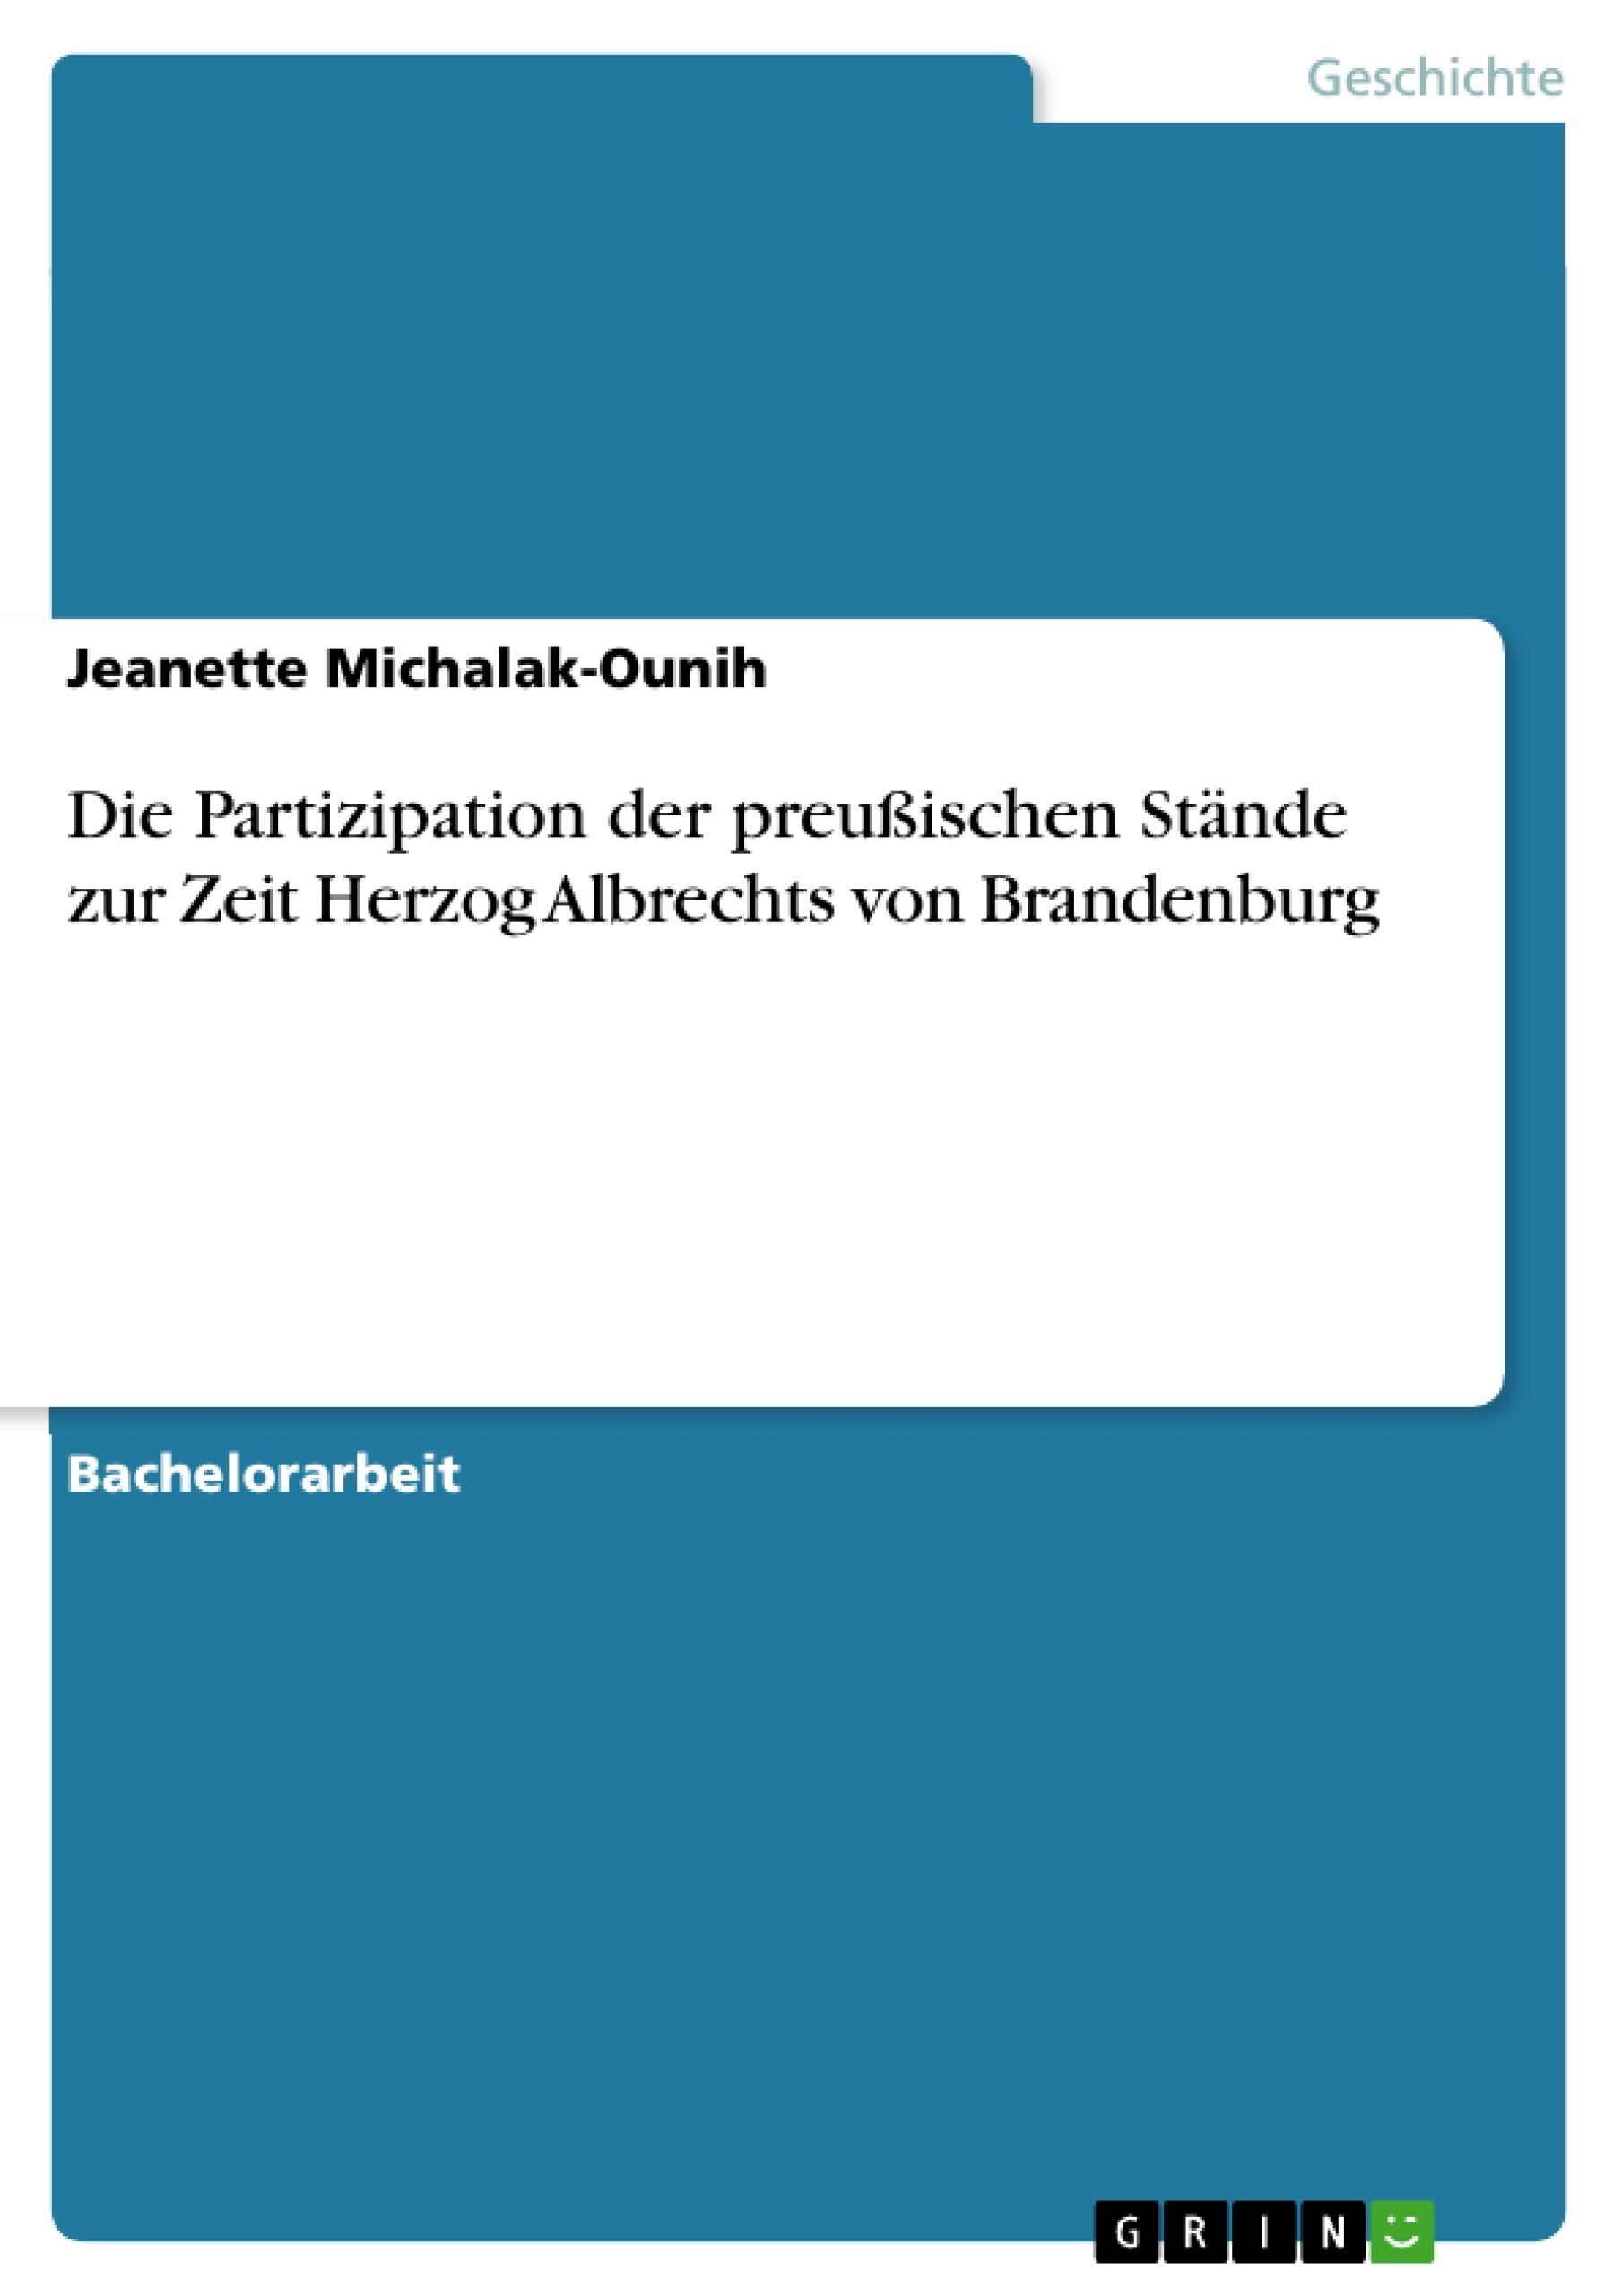 Titel: Die Partizipation der preußischen Stände zur Zeit Herzog Albrechts von Brandenburg